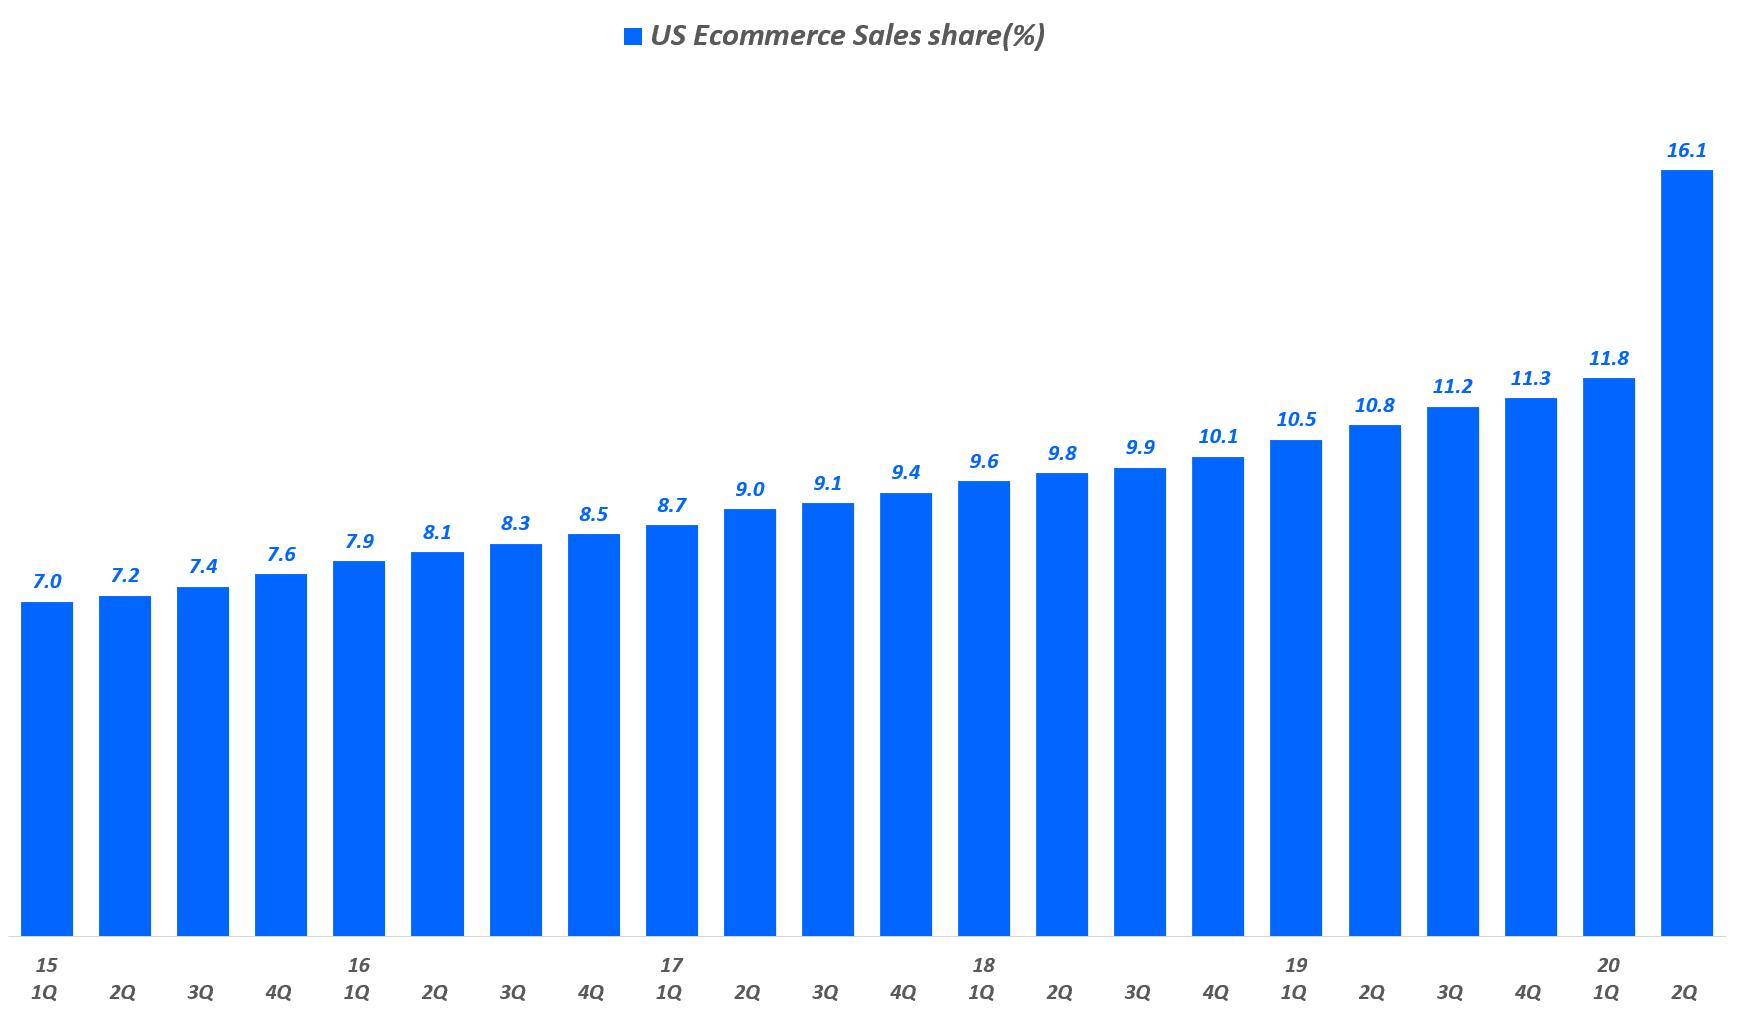 분기별 미국 이커머스 판매 비중 추이, Data from Uniteed Status Cenus Bureau, Graph by Happist